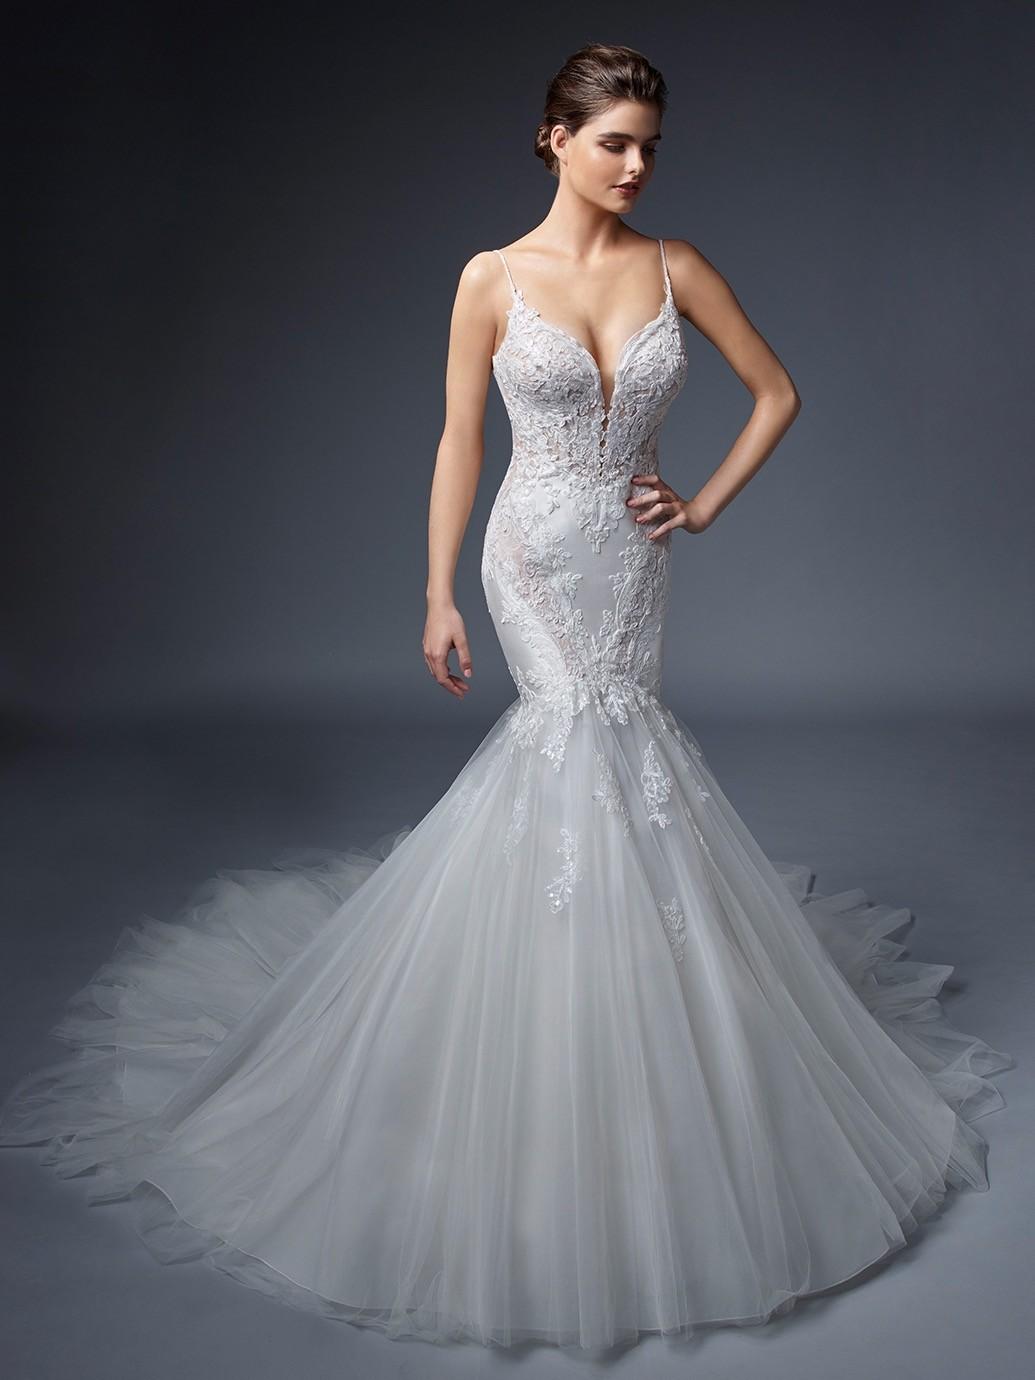 Weißes Hochzeitskleid mit Plunge-Ausschnitt, Spaghettiträgern, tiefem Rücken und Schleppe von Elysée, Modell Giselle